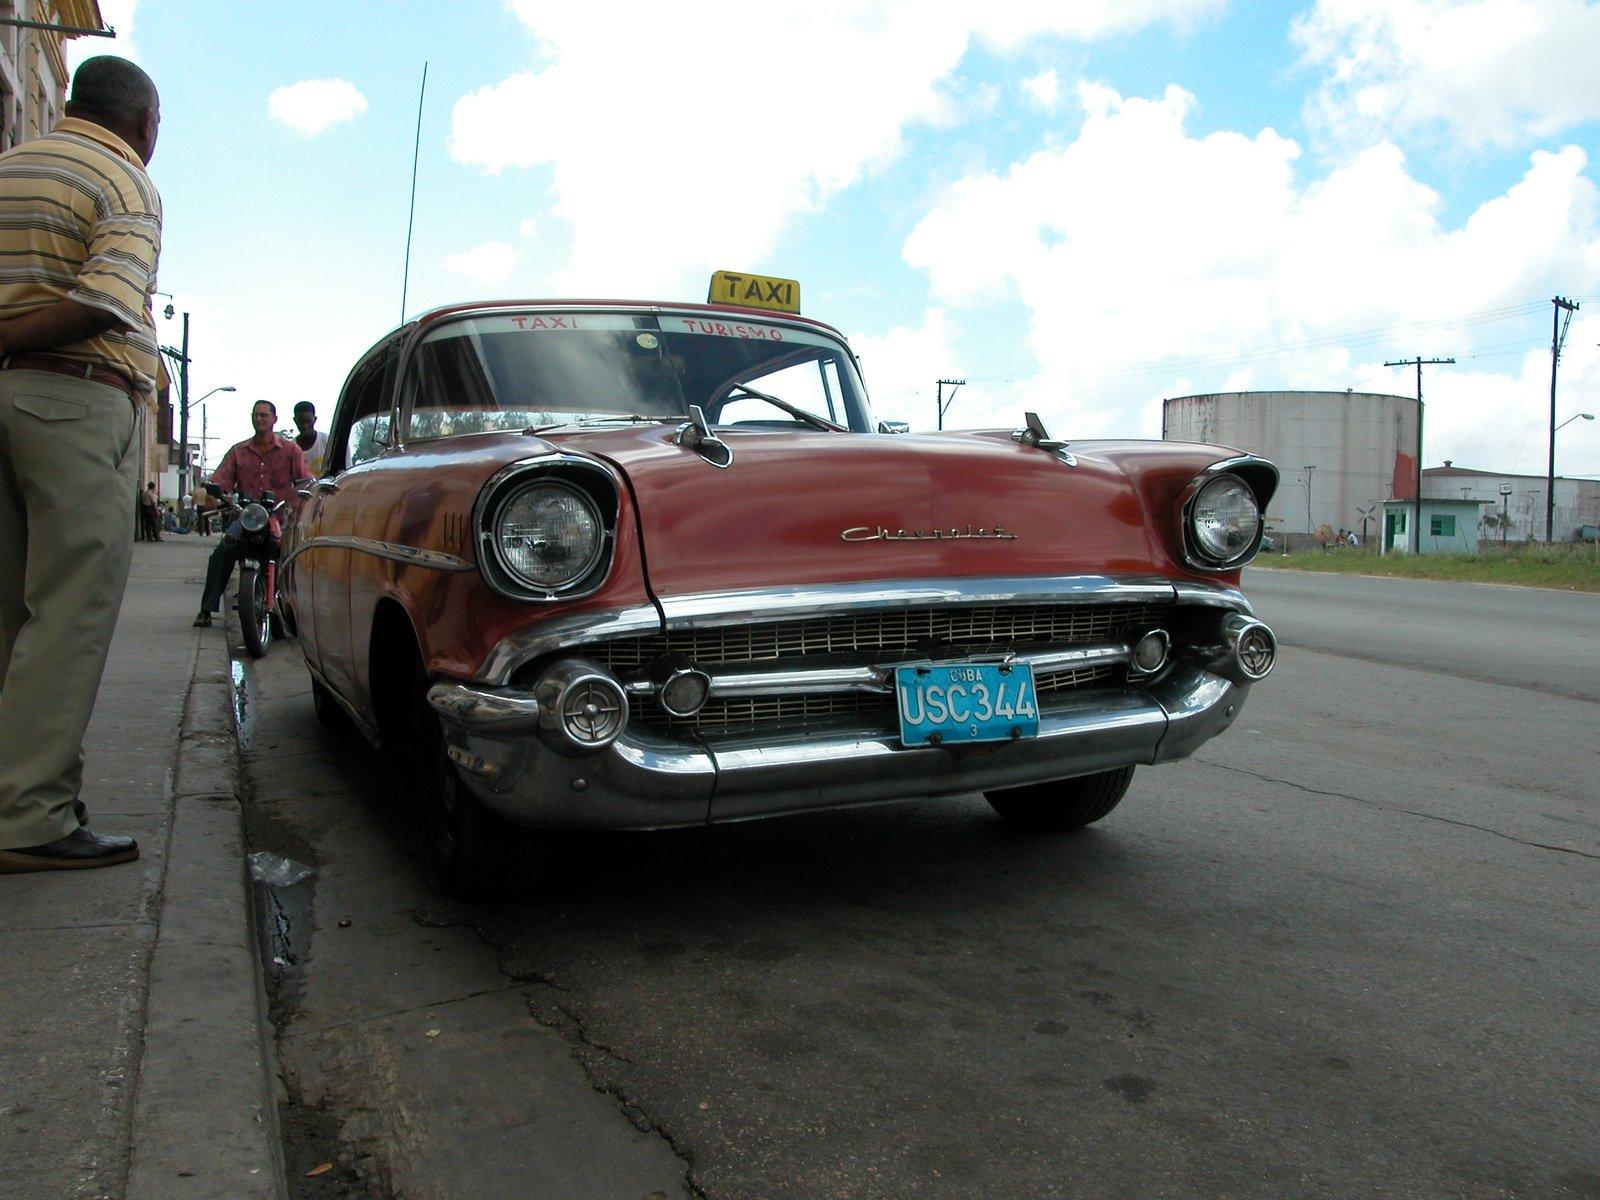 Cuba Cars 5